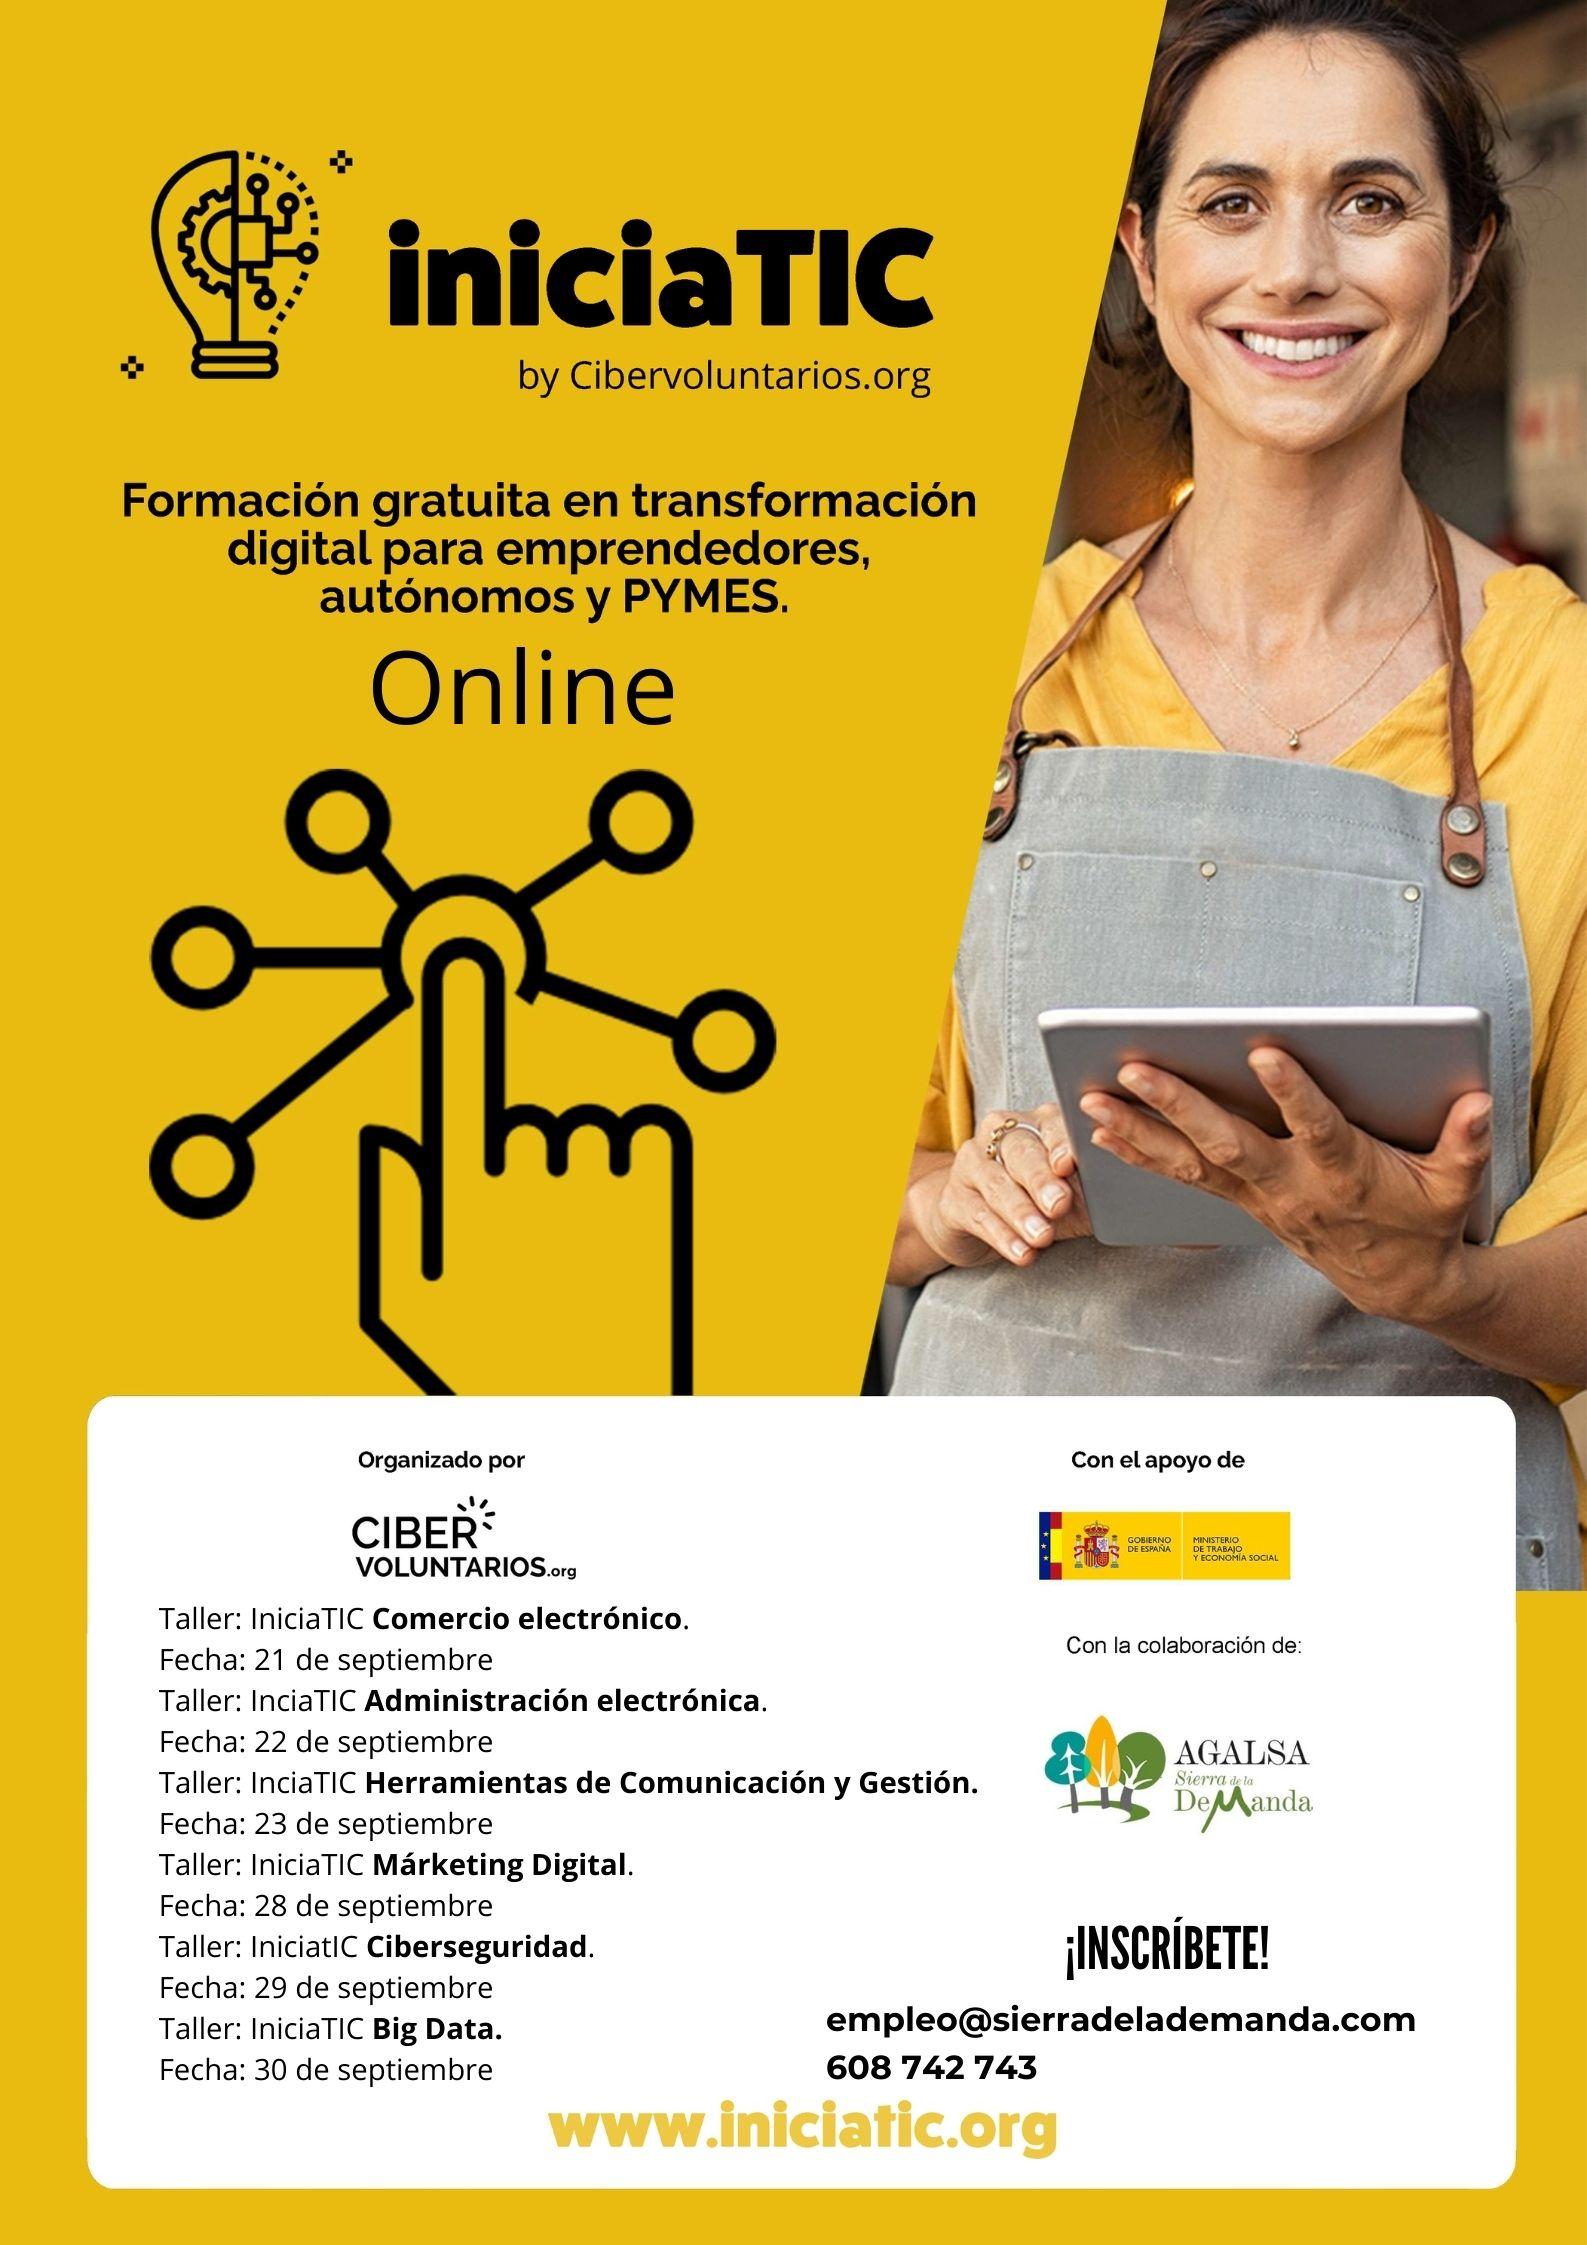 Formación específica y gratuita en transformación digital y emprendimiento para impulsar tu negocio